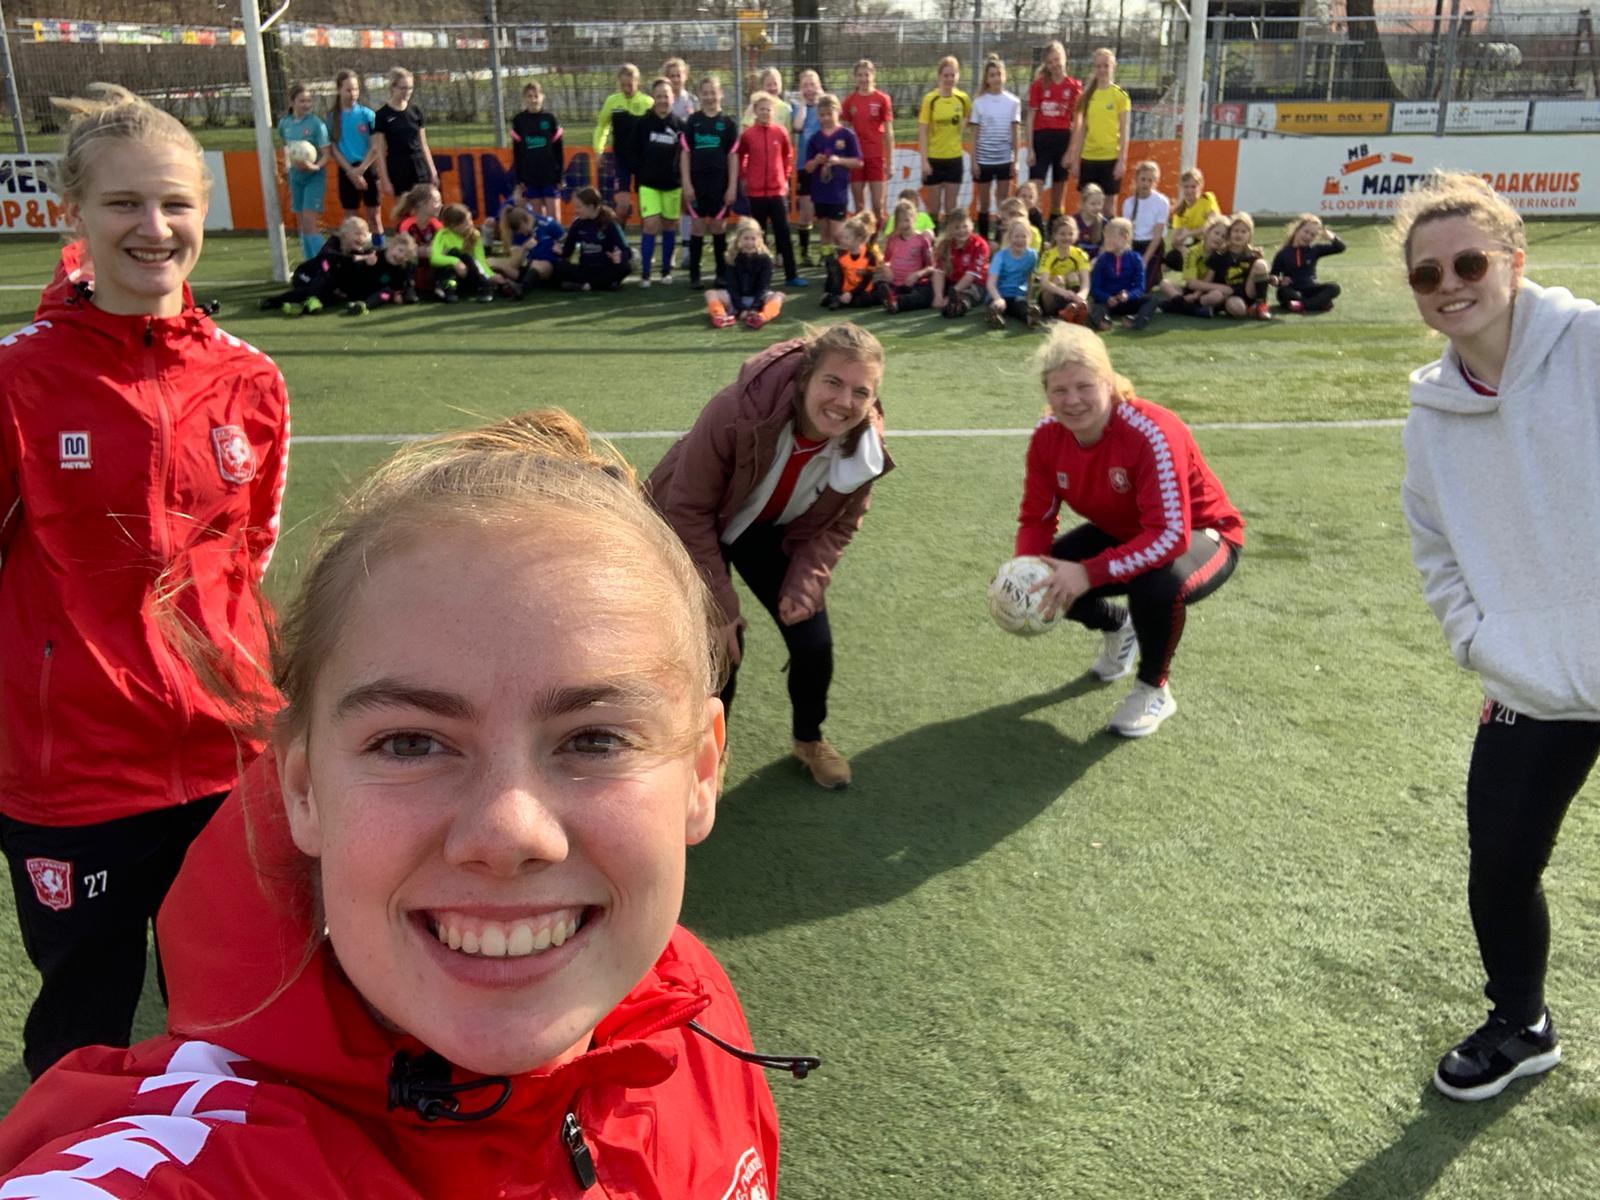 Geslaagde FC Twente Meidendag bij DOS'37